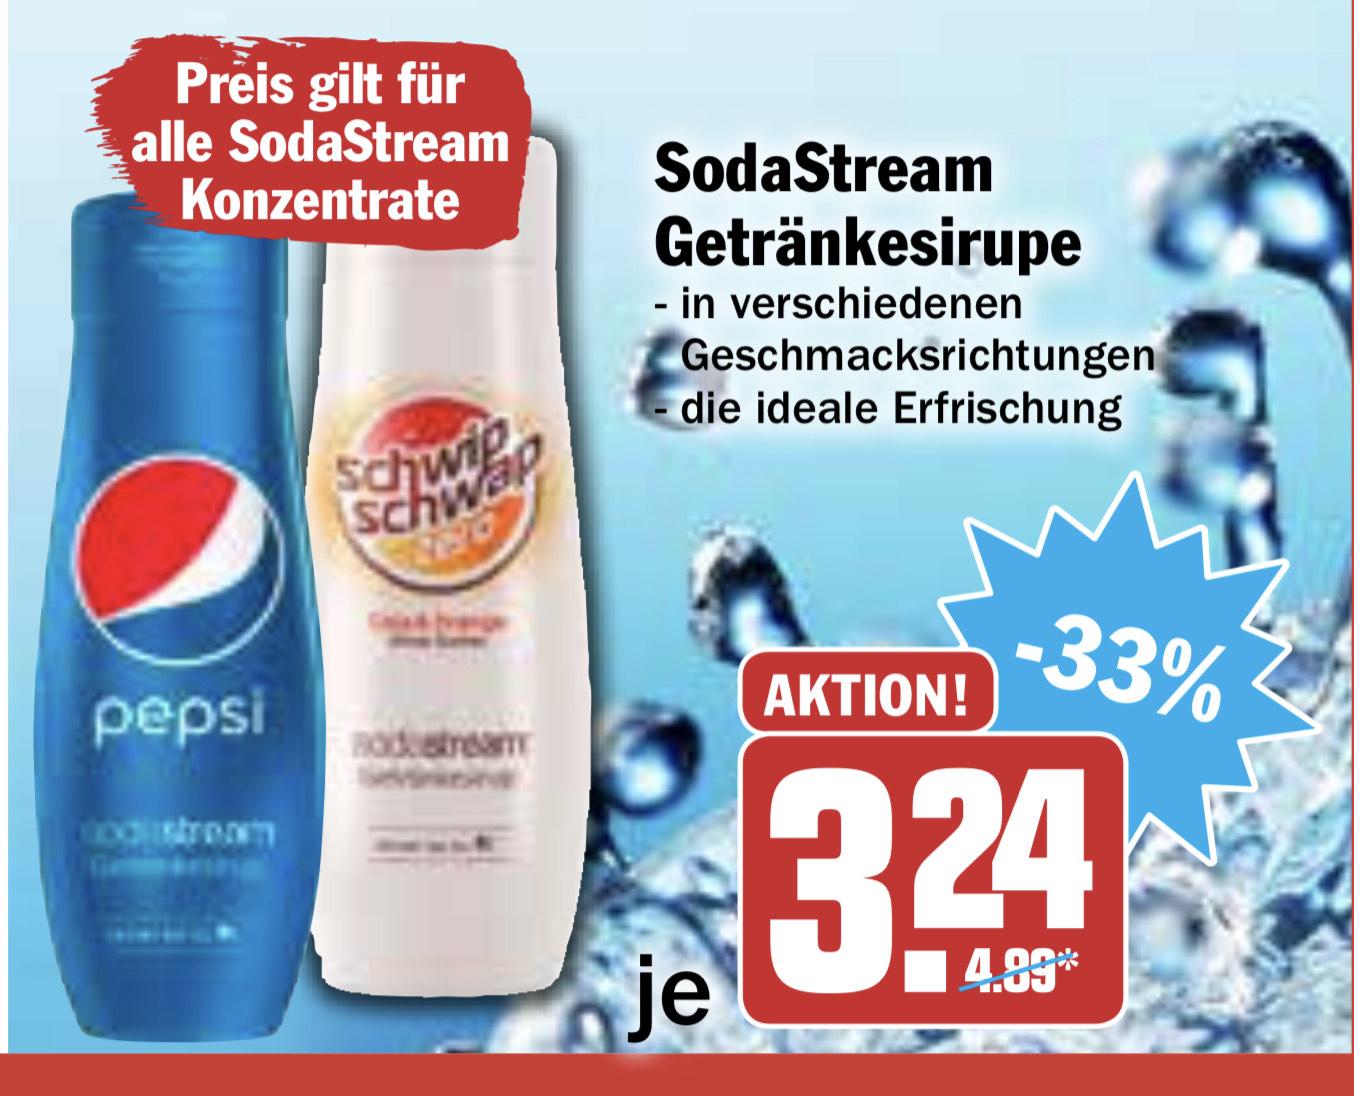 [Offline Hit] SodaStream Getränkesirupe verschiedene Sorten z.B. Pepsi, Schwip Schwap, 7up 440ml